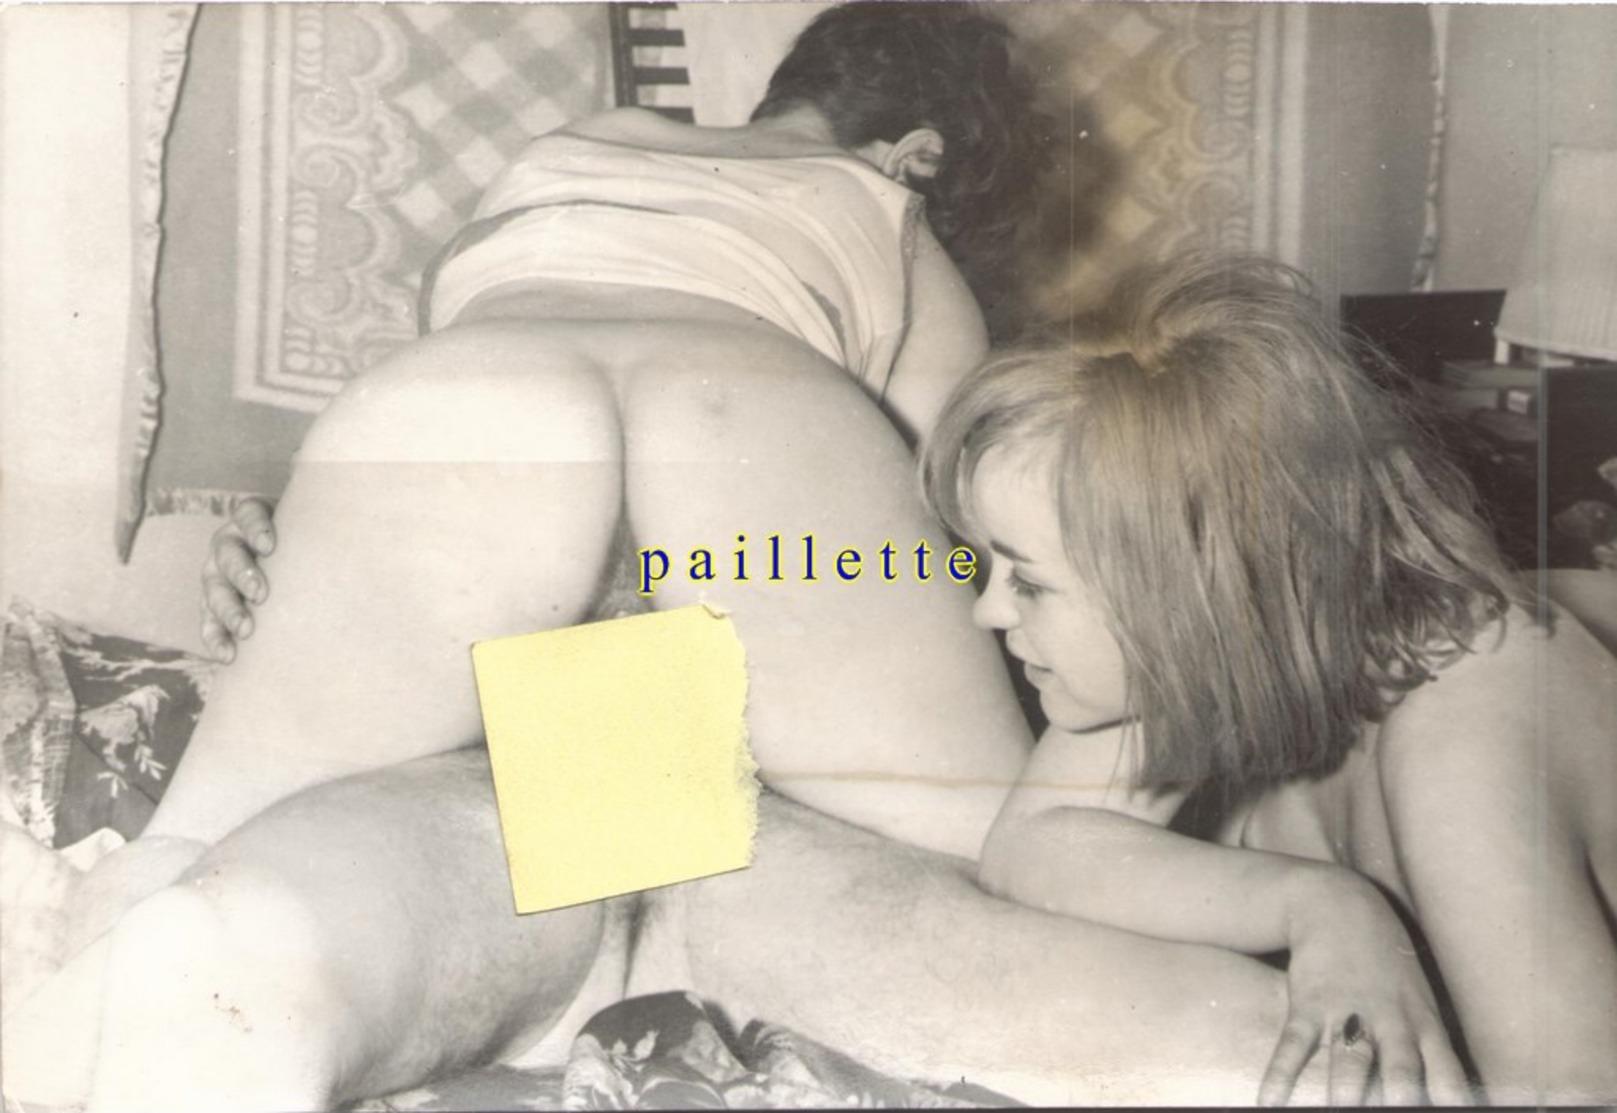 Nue Porno Vintage Nude Naturiste Photo Véritable Ancienne 13x9cm Sexe Années 50/60 ACHAT IMMEDIAT Femmes Homme - Beauté Féminine (1941-1960)